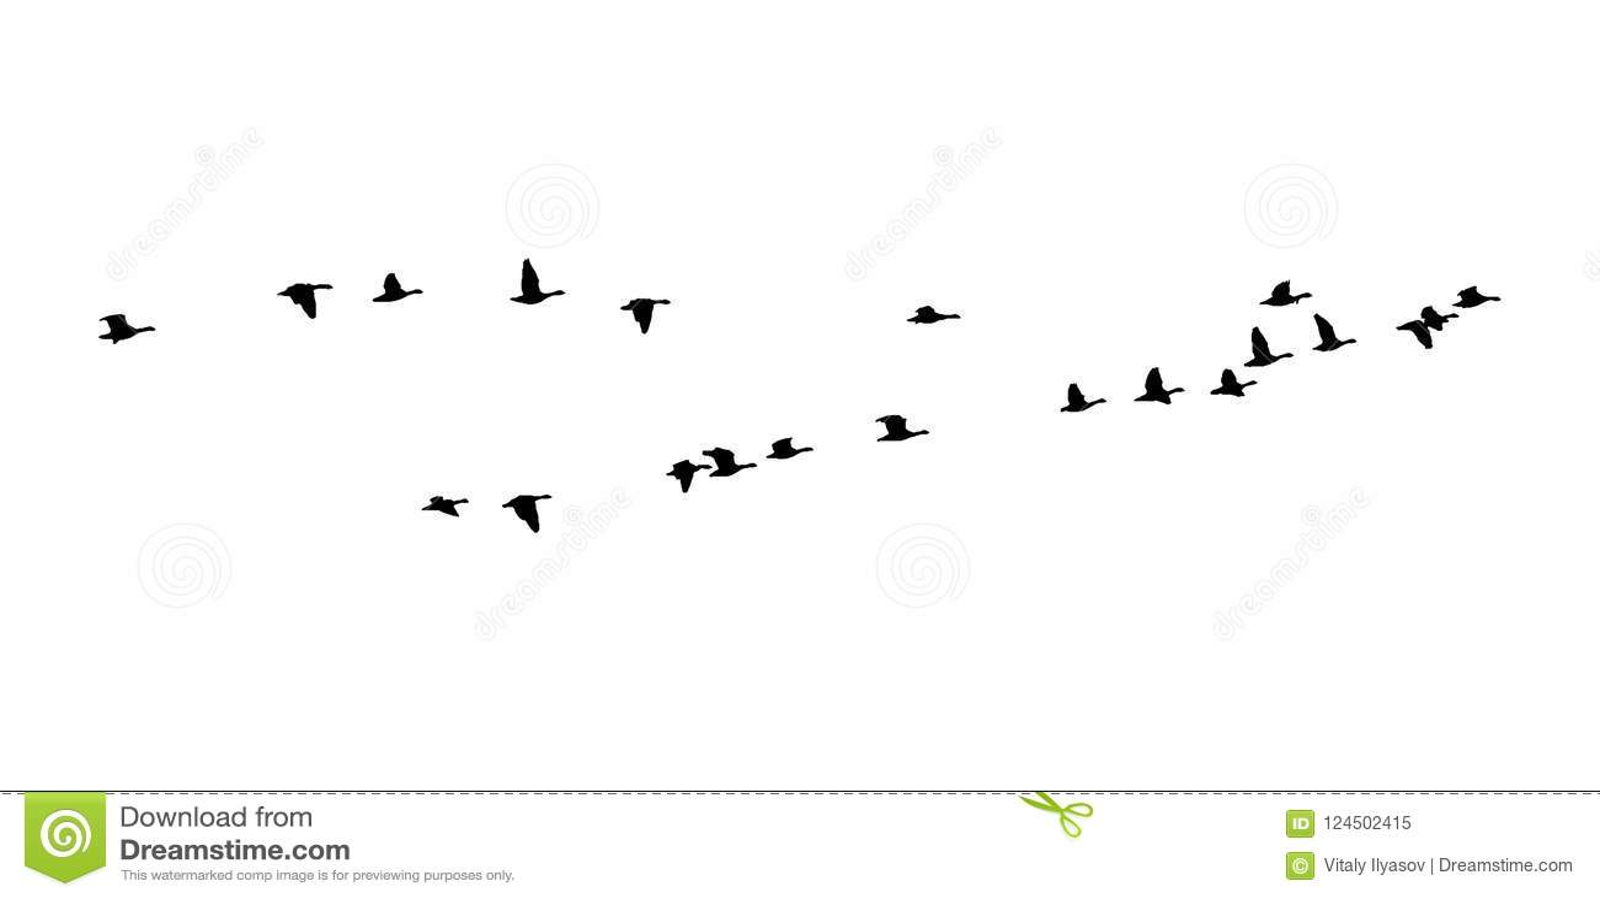 Μεγαλύτερη λευκομέτωπη σφήνα χήνων κατά την πτήση Διανυσματική σκιαγραφία ένα κοπάδι των πουλιών